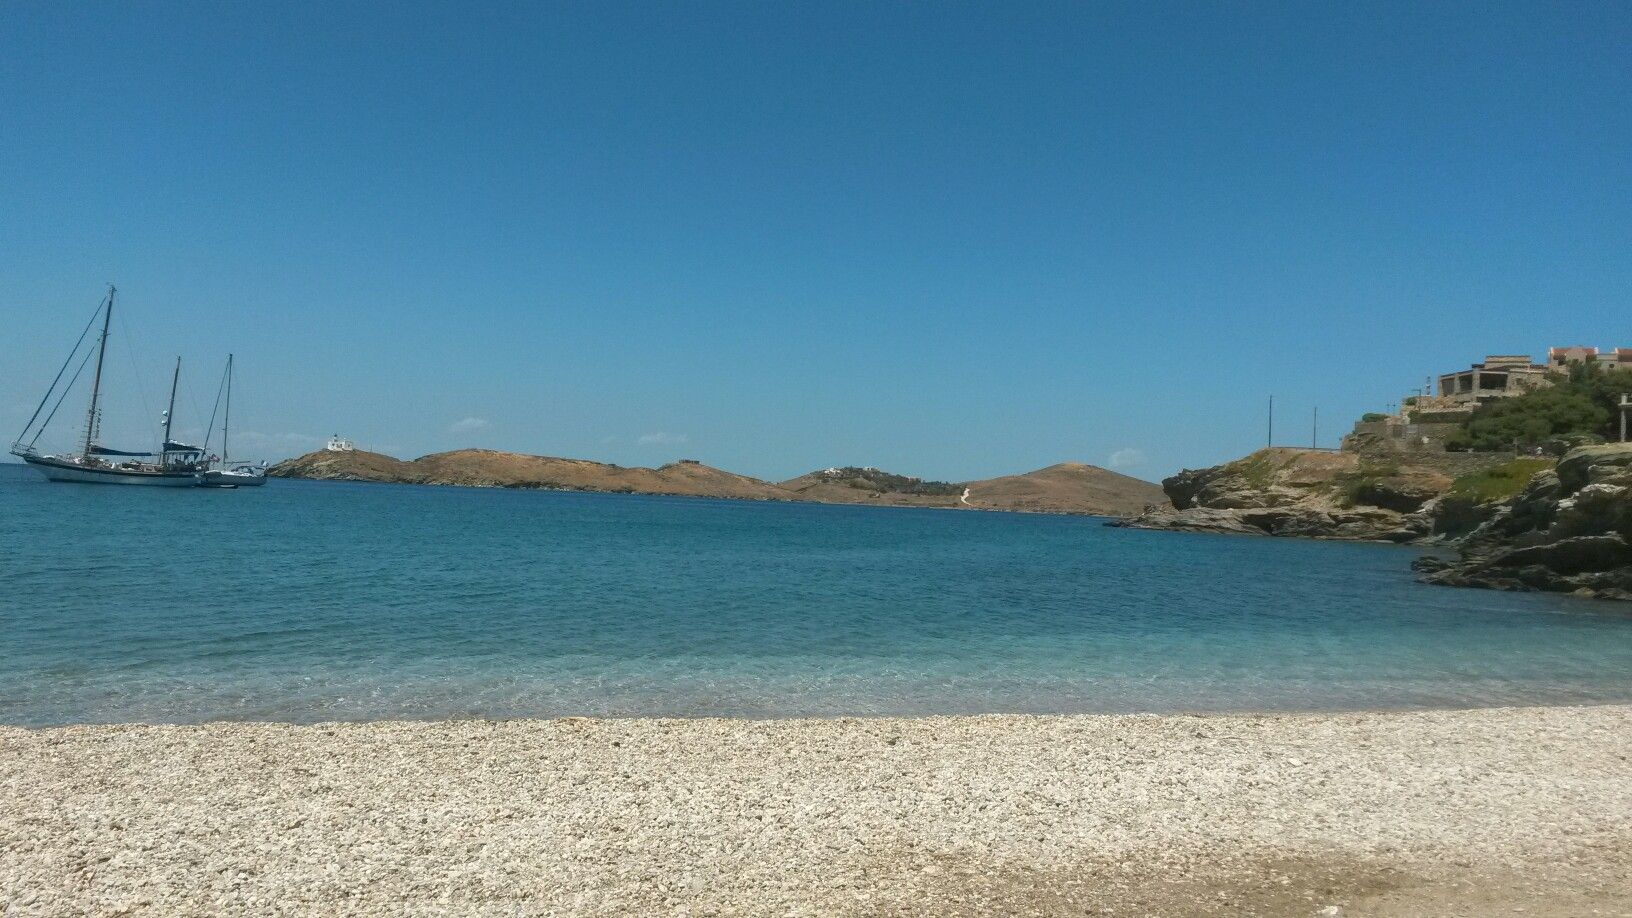 Korissia, Kea/ Tzia  #destinationkea #visitkea #cyclades #aegean #greekislands